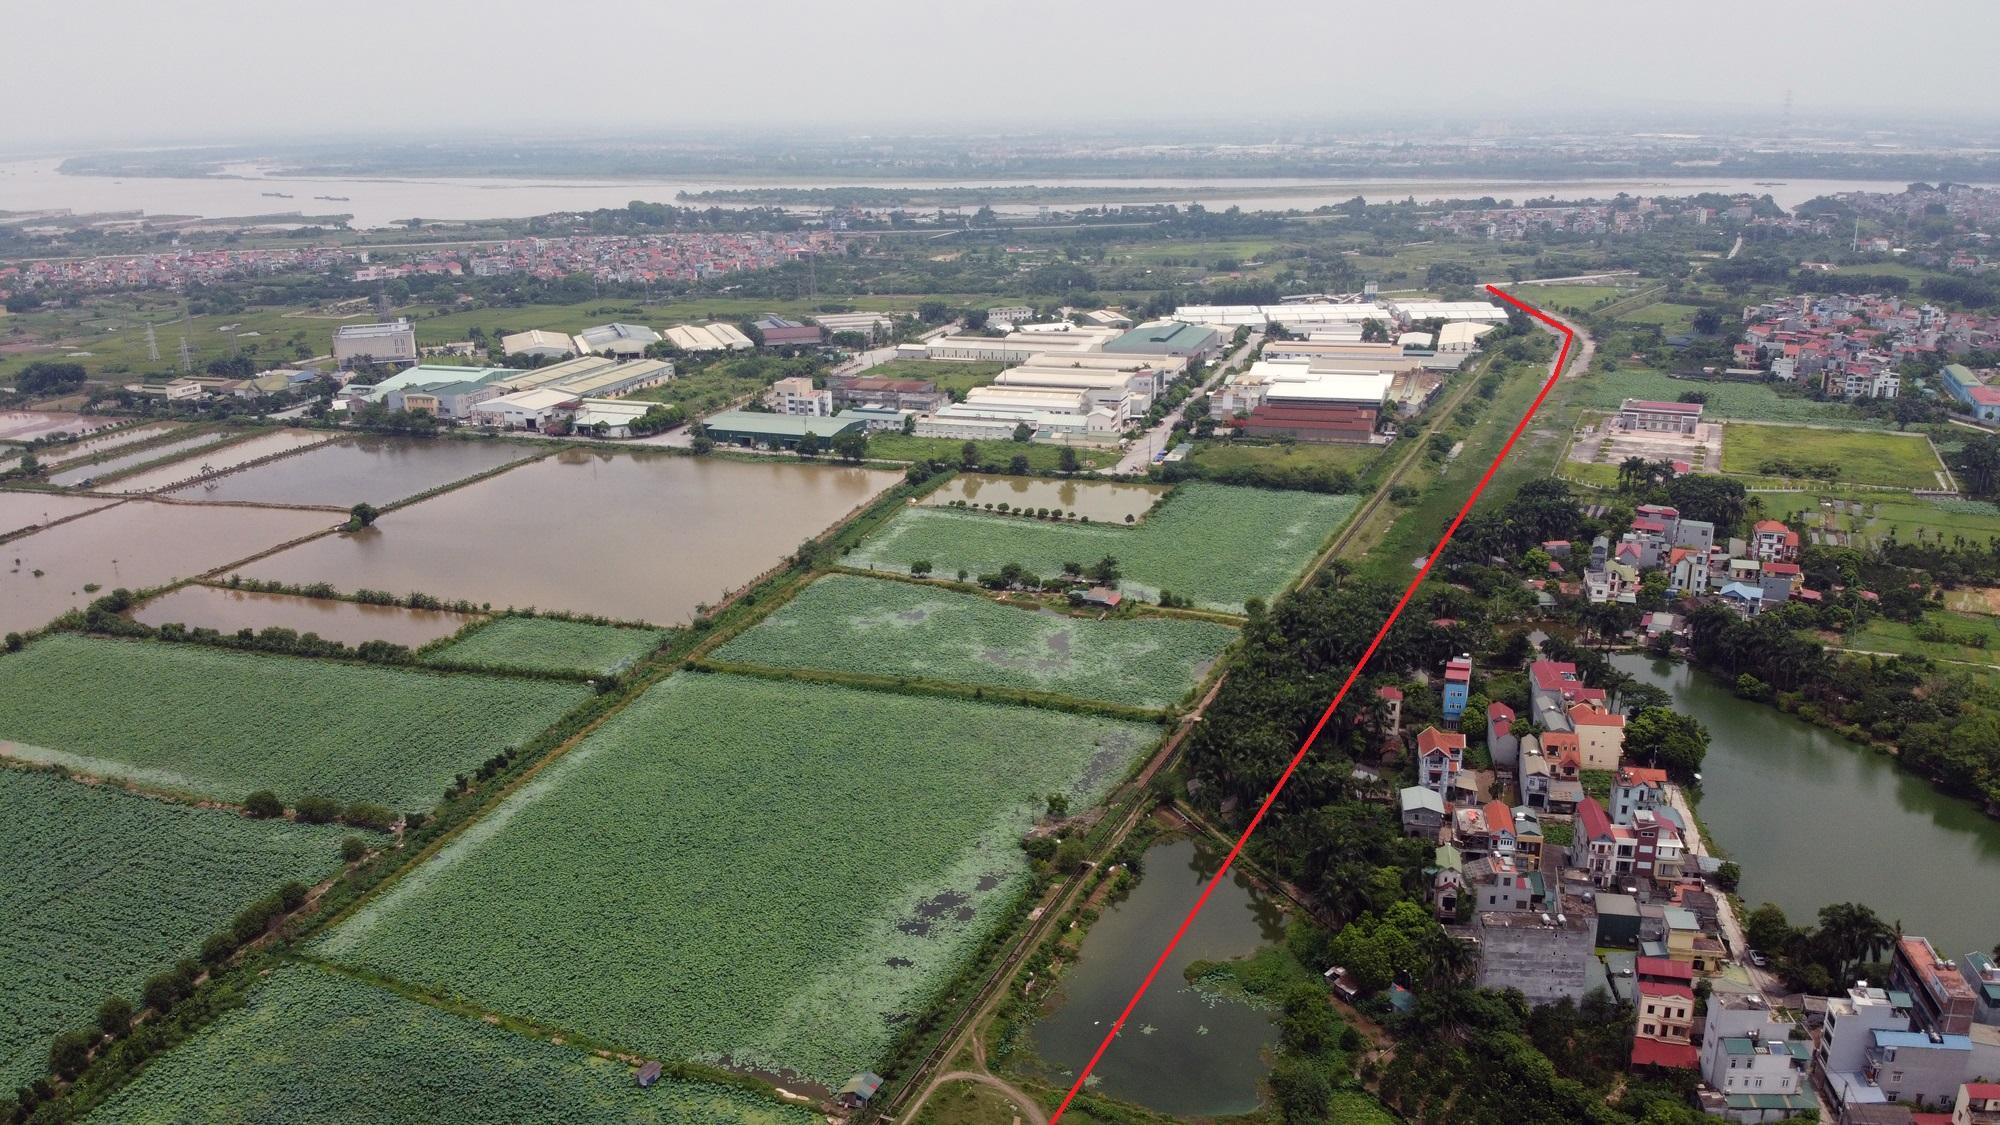 3 đường sẽ mở theo qui hoạch ở phường Thụy Phương, Bắc Từ Liêm - Ảnh 8.